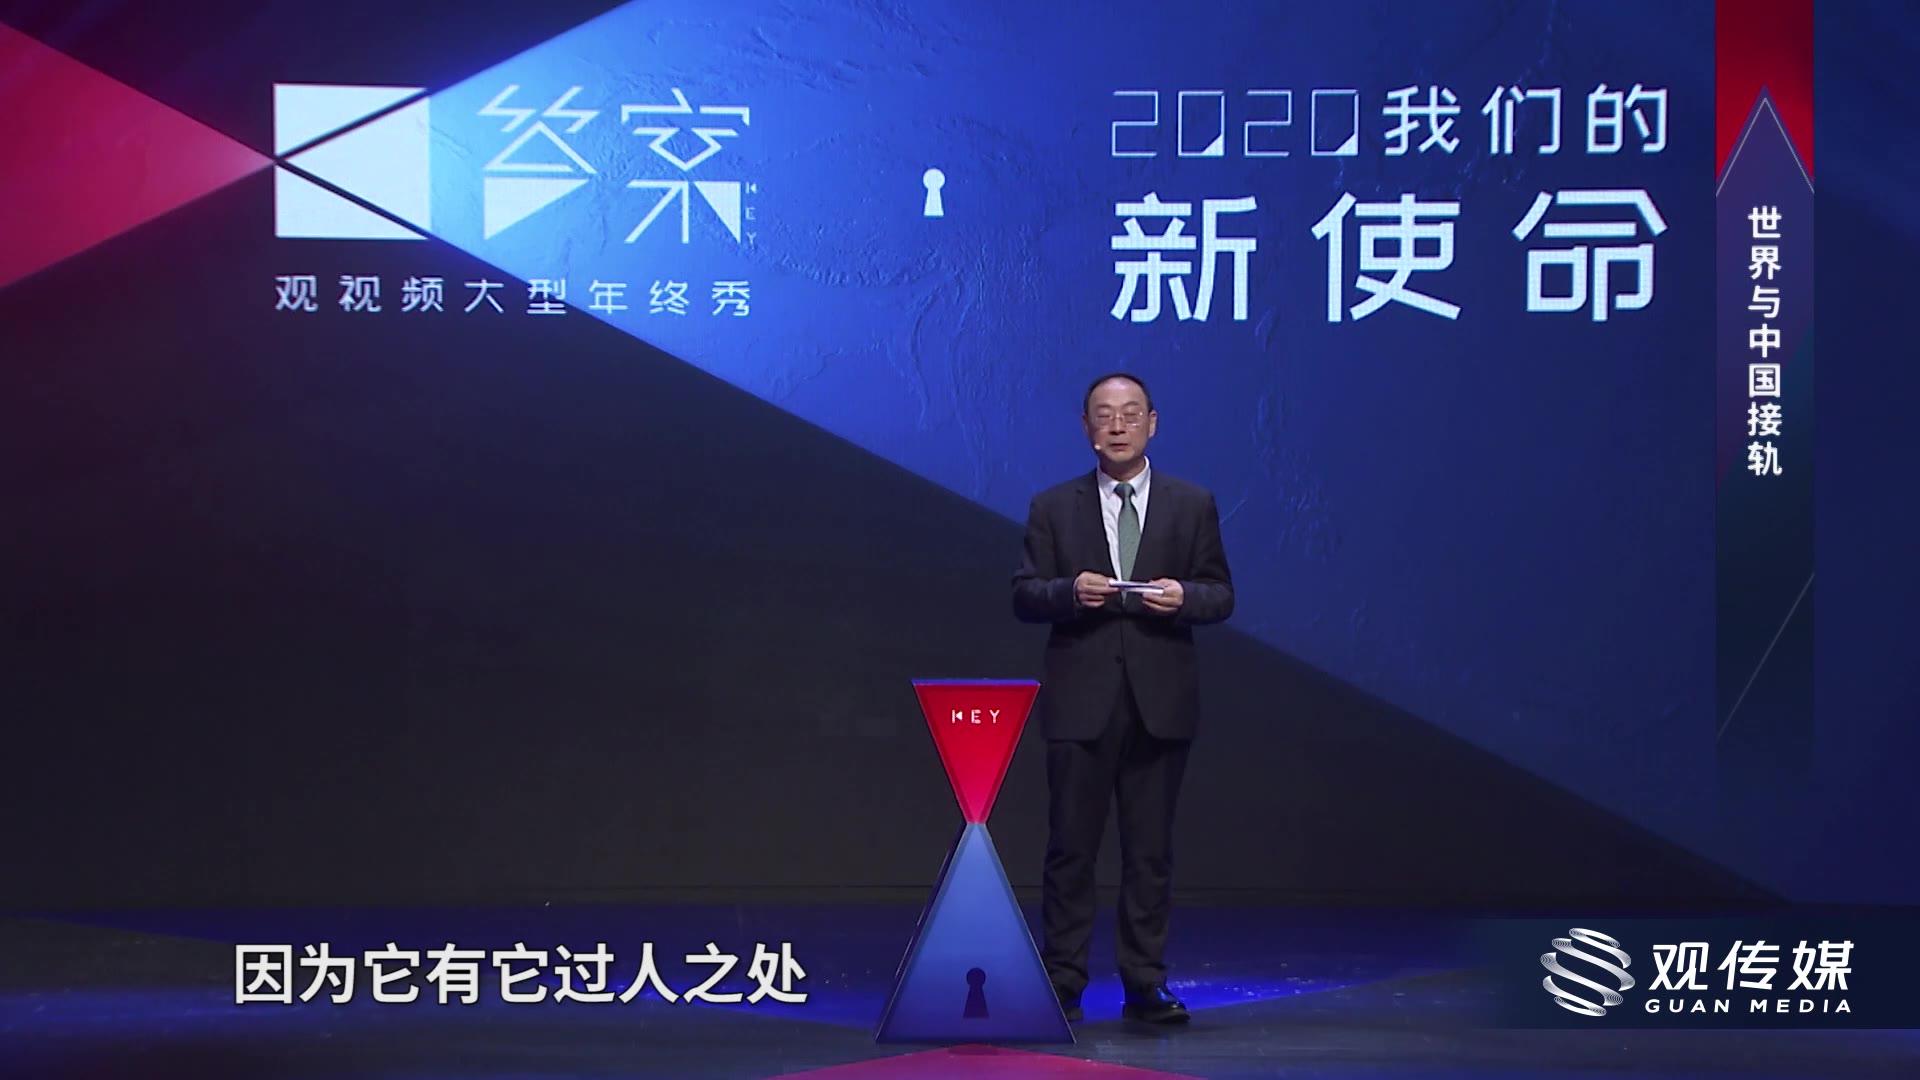 【答案07】世界与中国接轨【张维为|金灿荣】